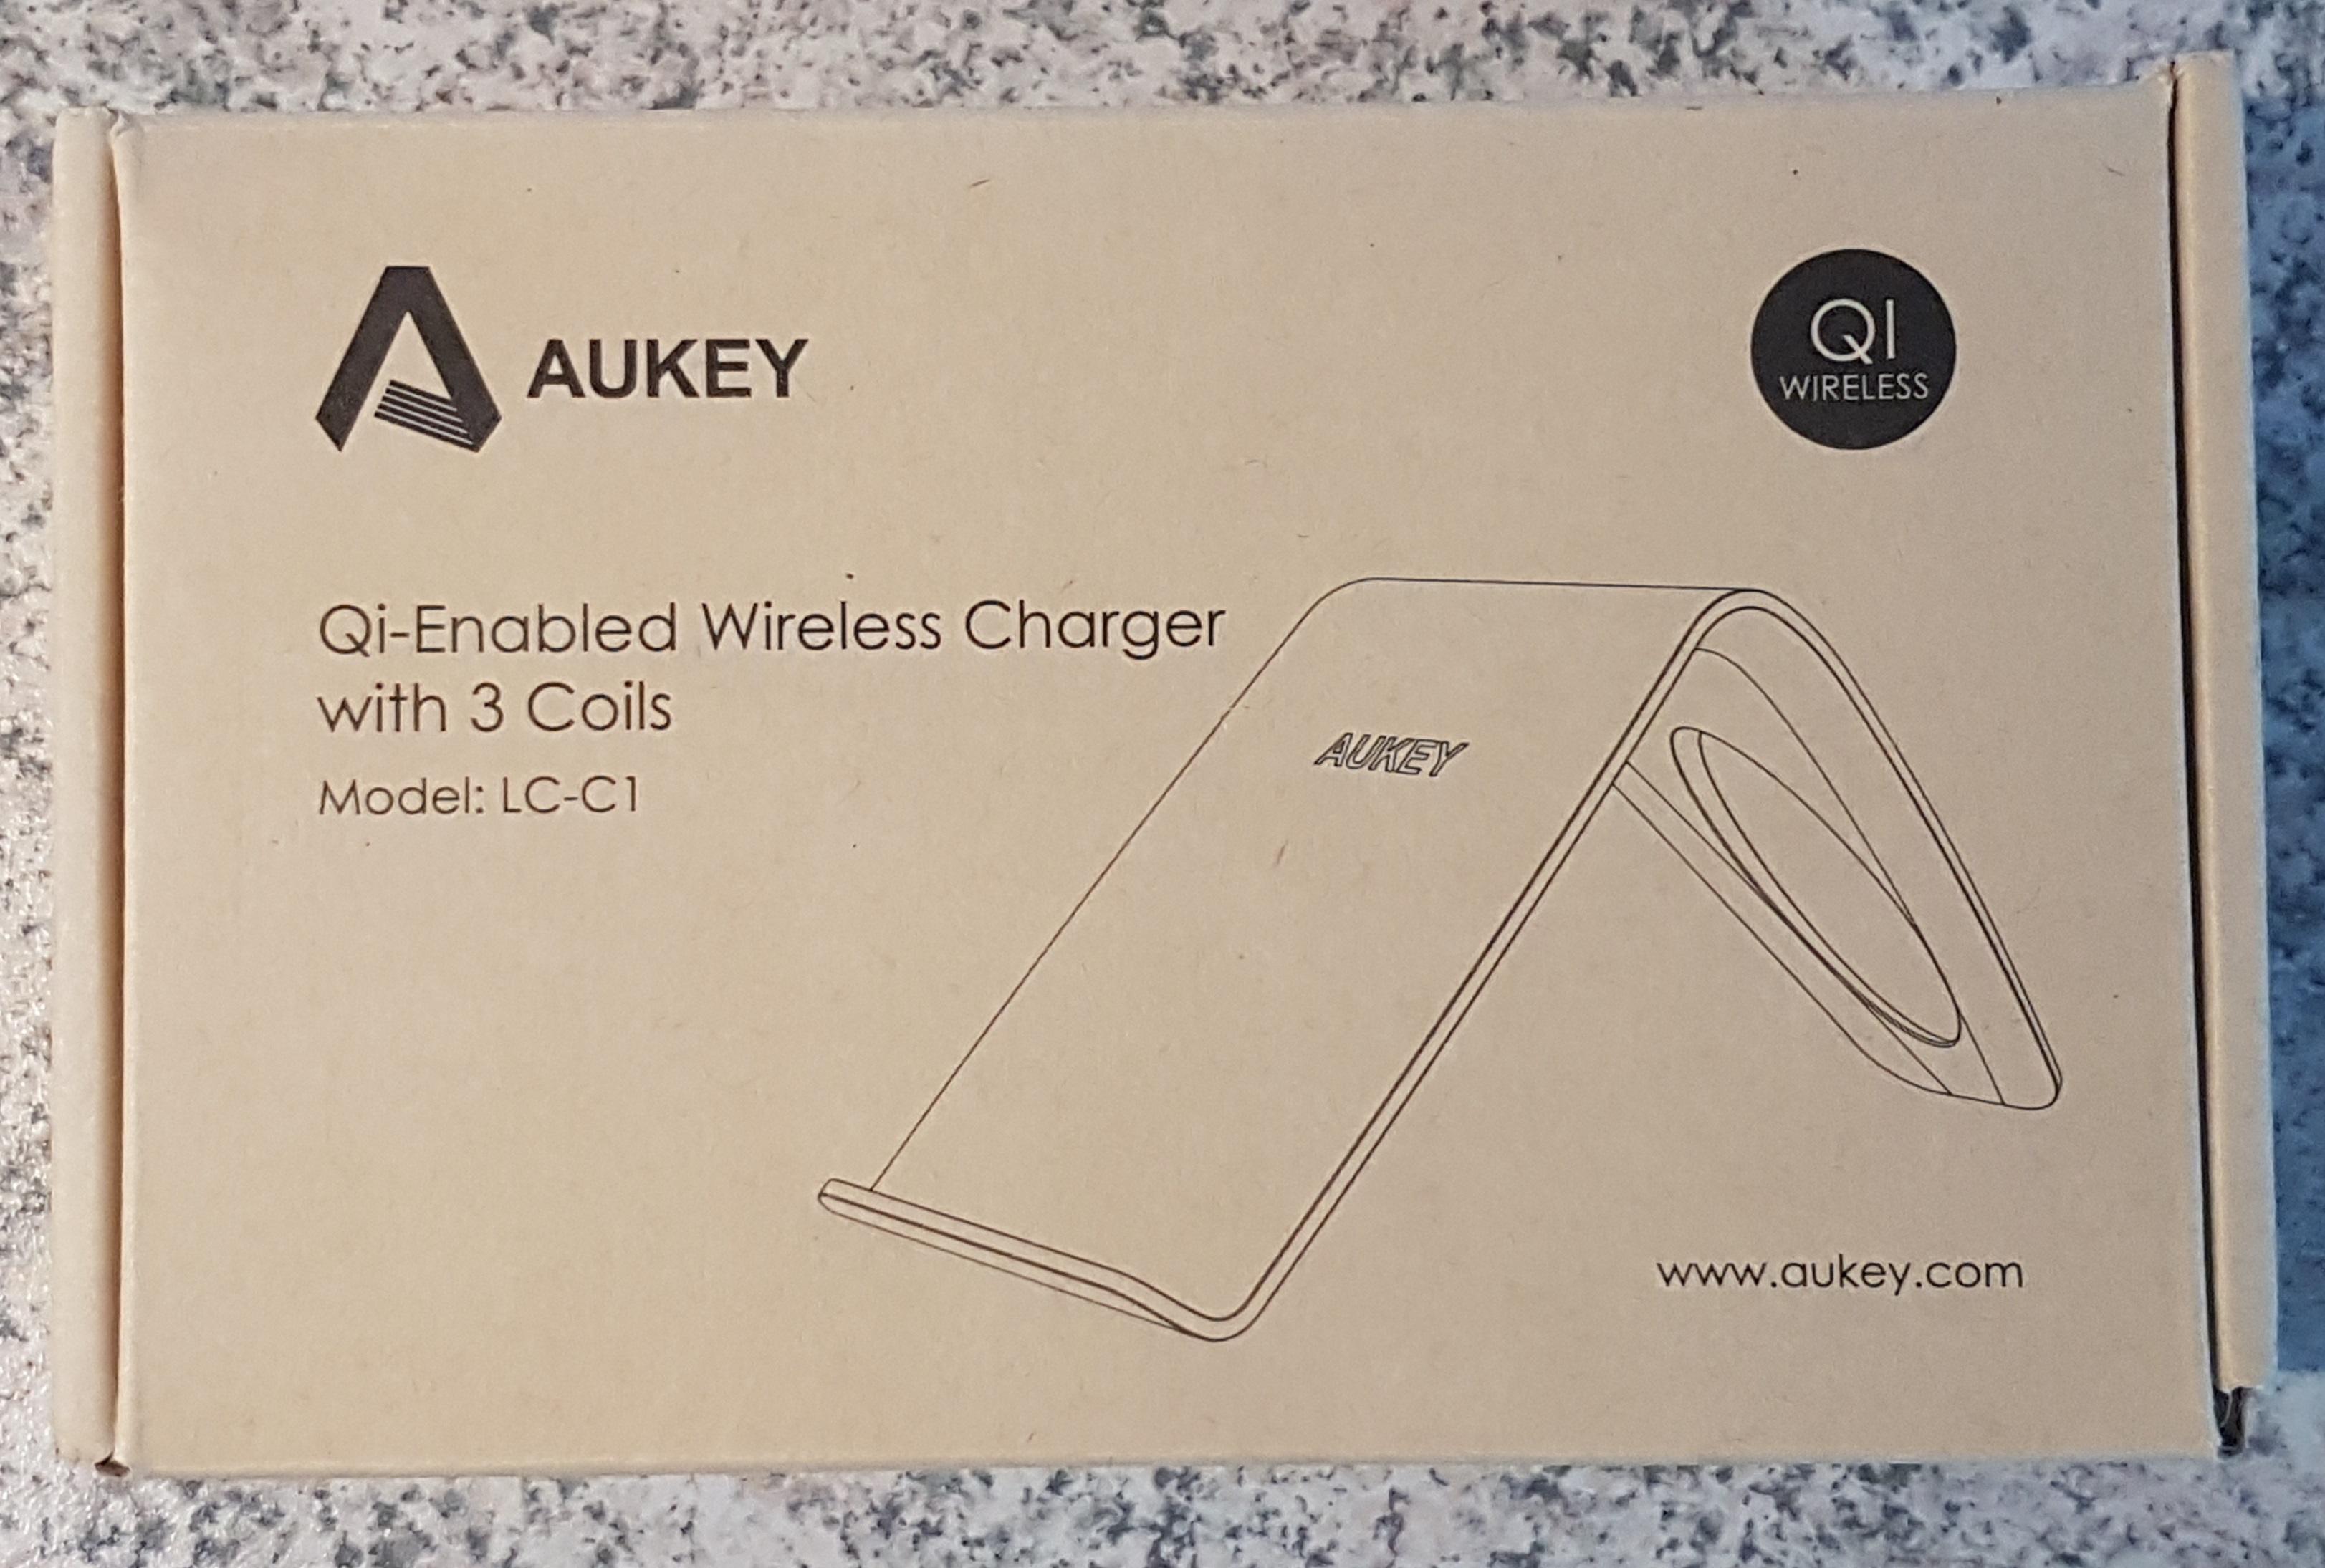 aukey-wireless-ladegeraet-qi-mit-drei-spulen-verpackung